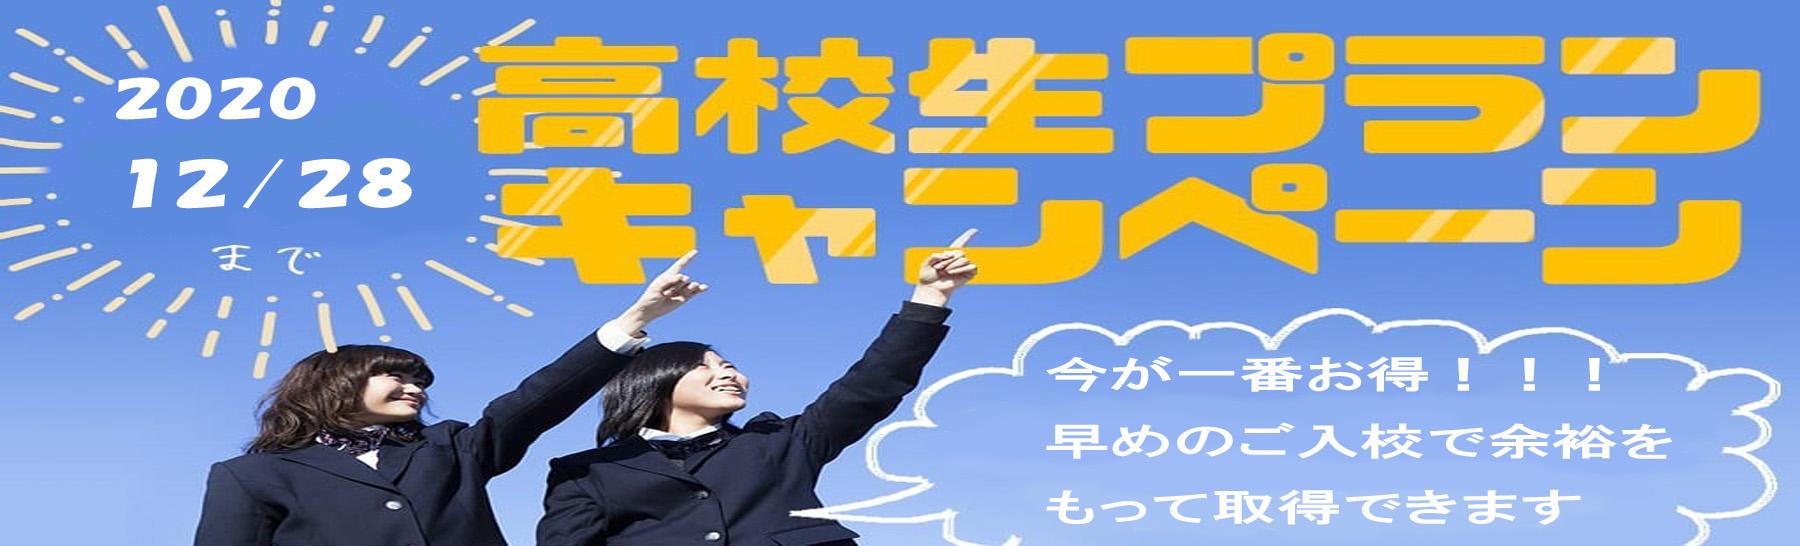 高校生キャンペーン!今の入校が一番お得!